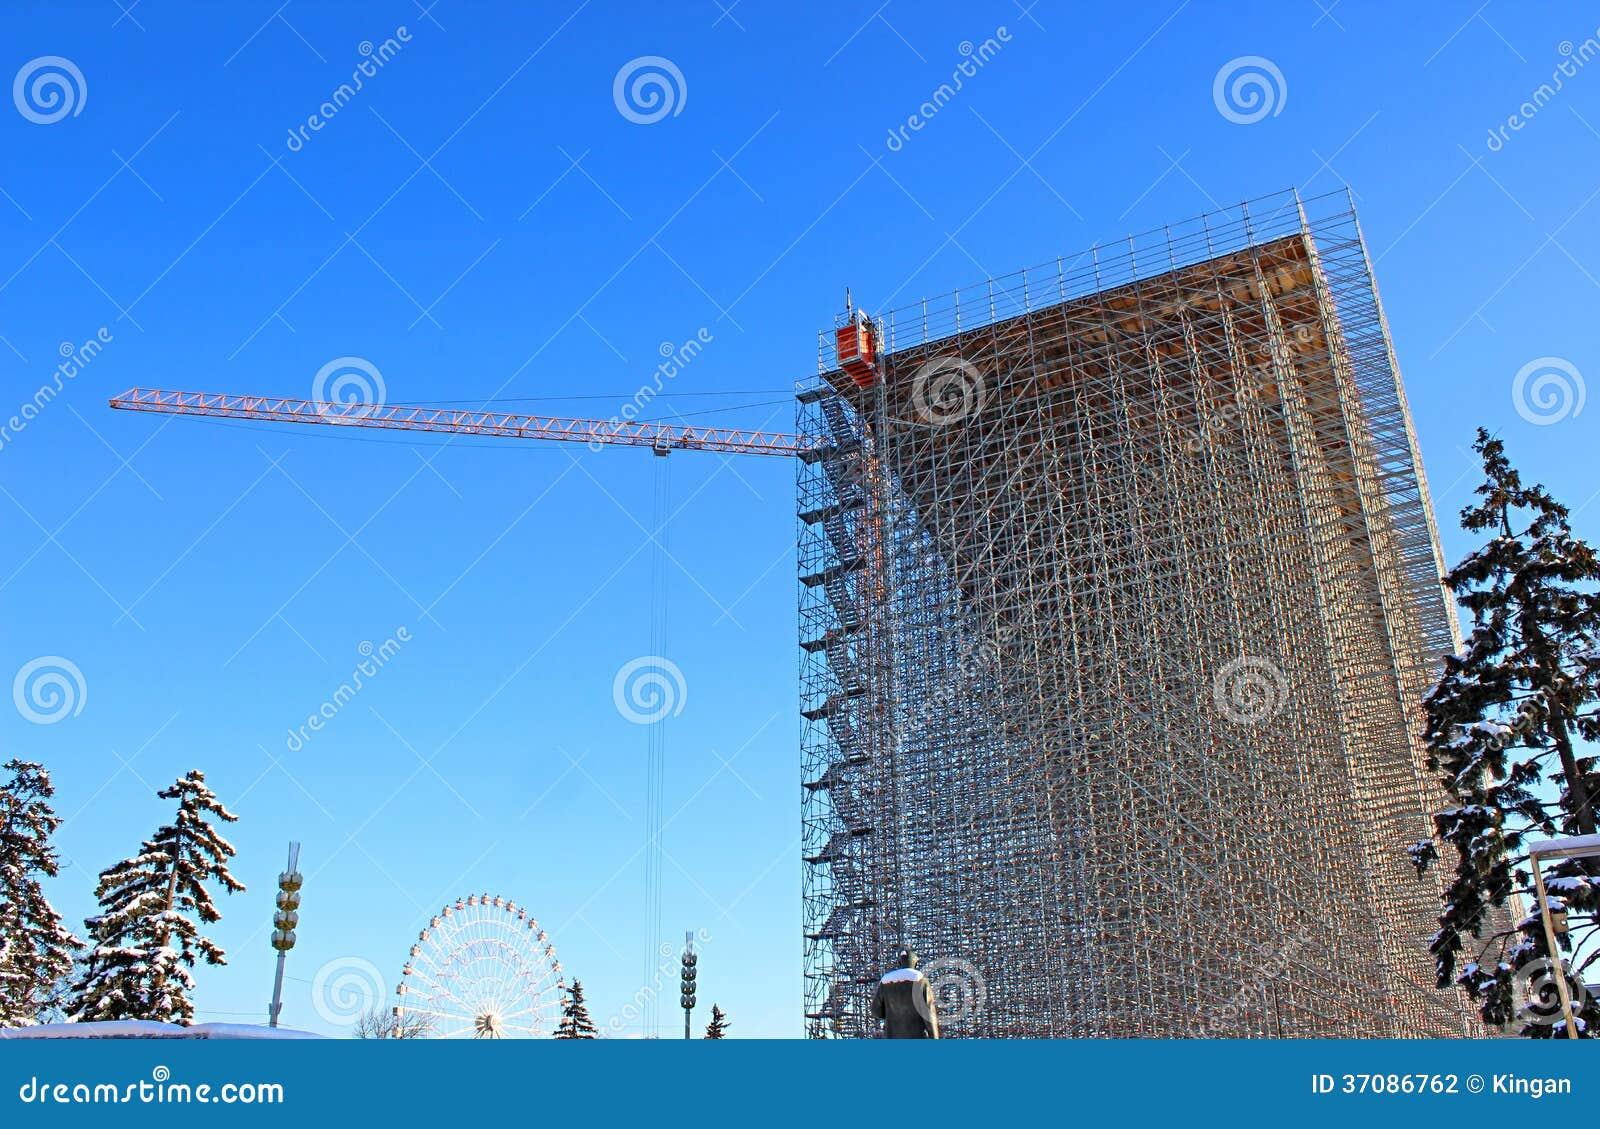 Download Wysoka budowa rusztowanie zdjęcie stock. Obraz złożonej z żuraw - 37086762